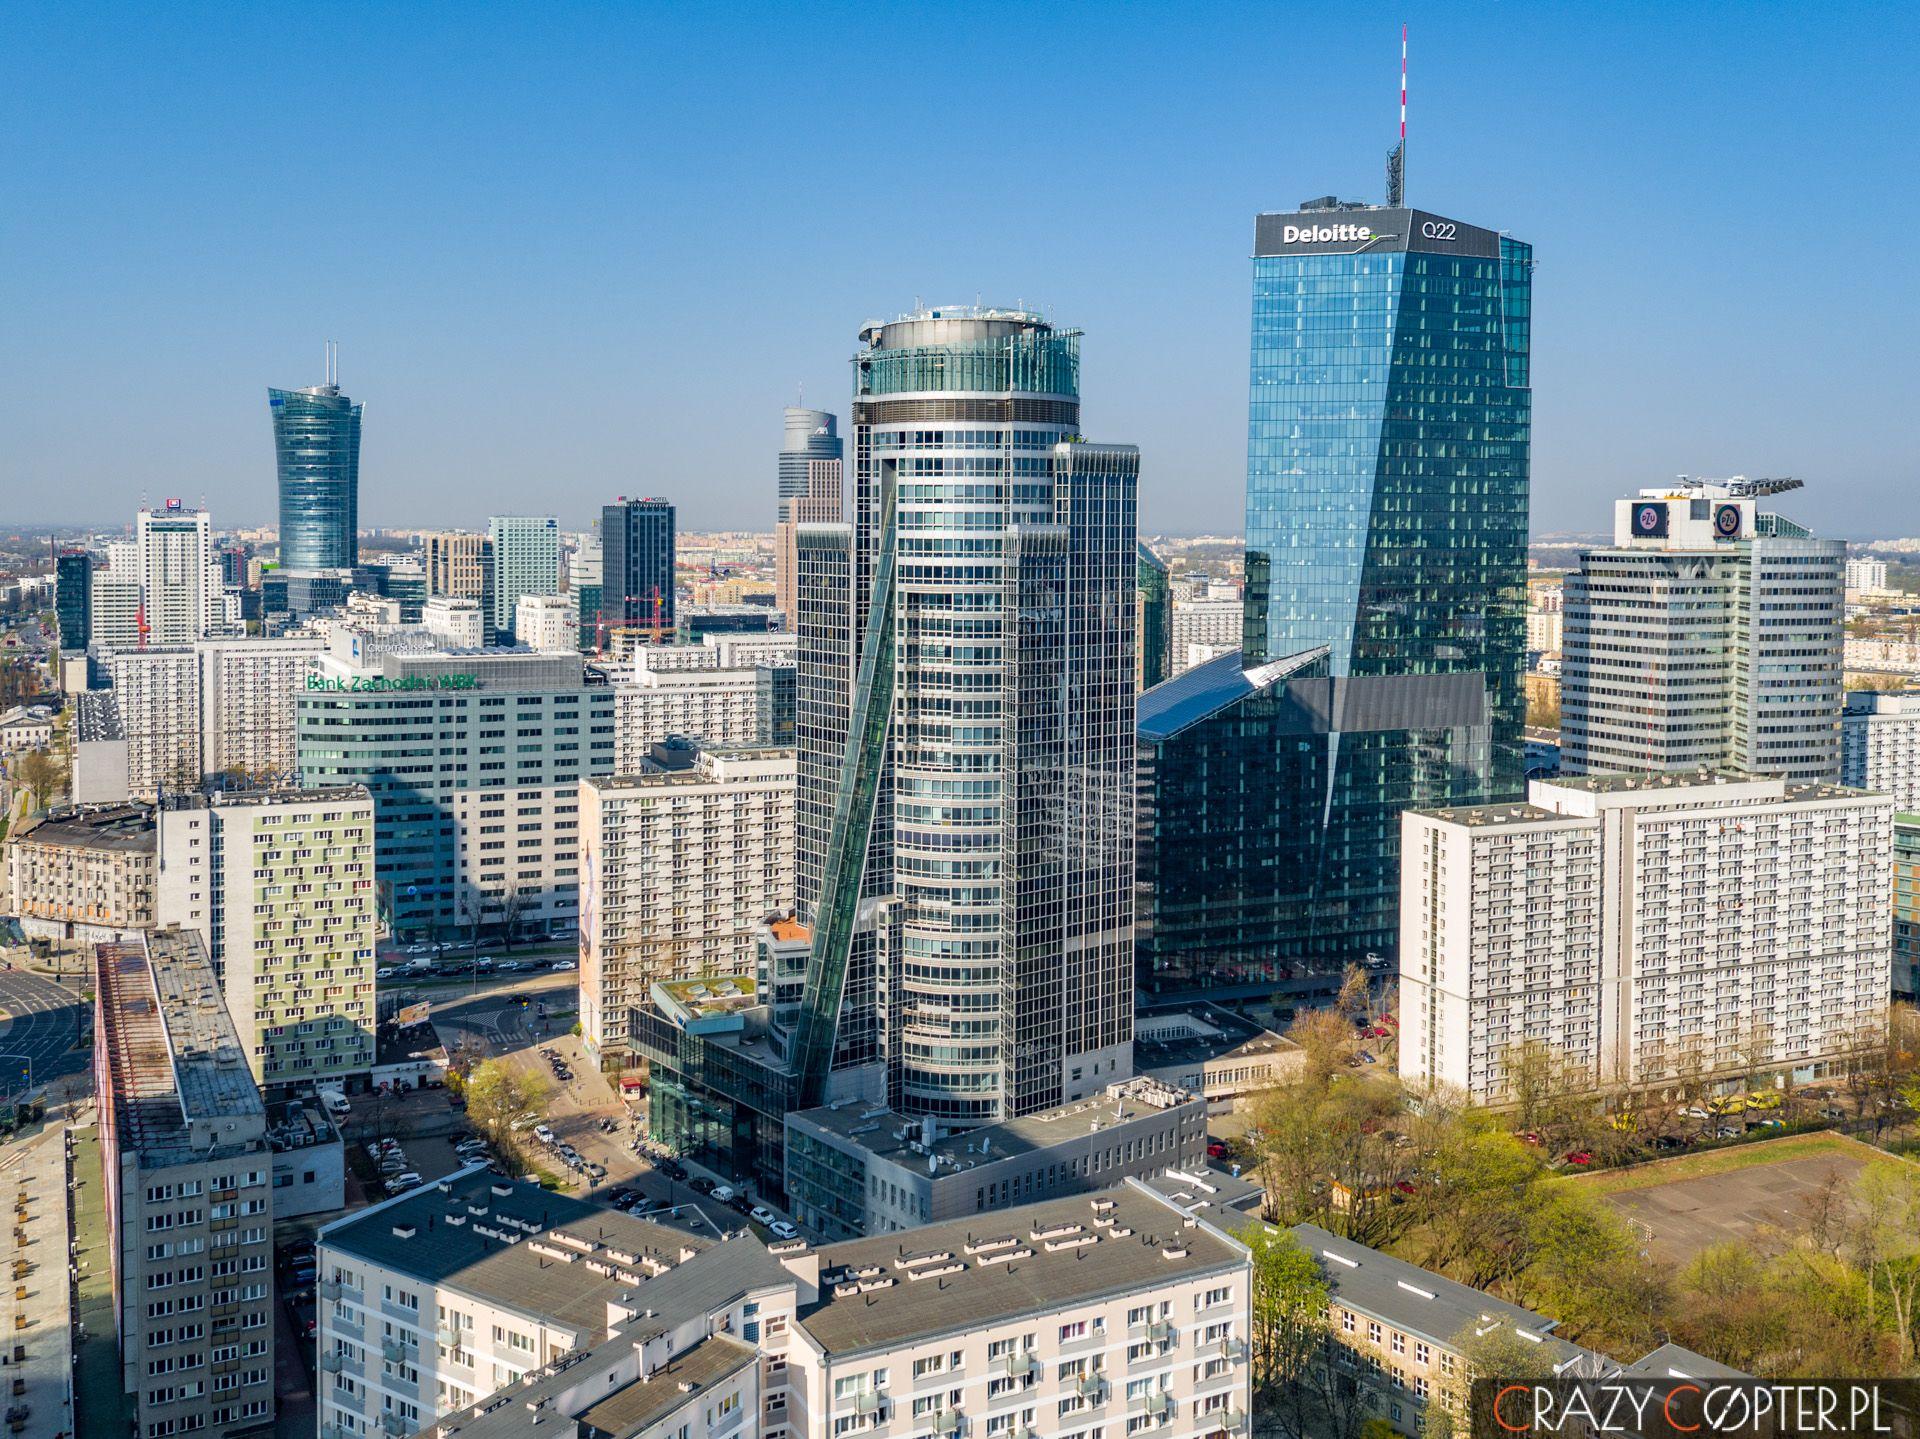 Wieżowce w Warszawie - zdjęcia lotnicze z drona